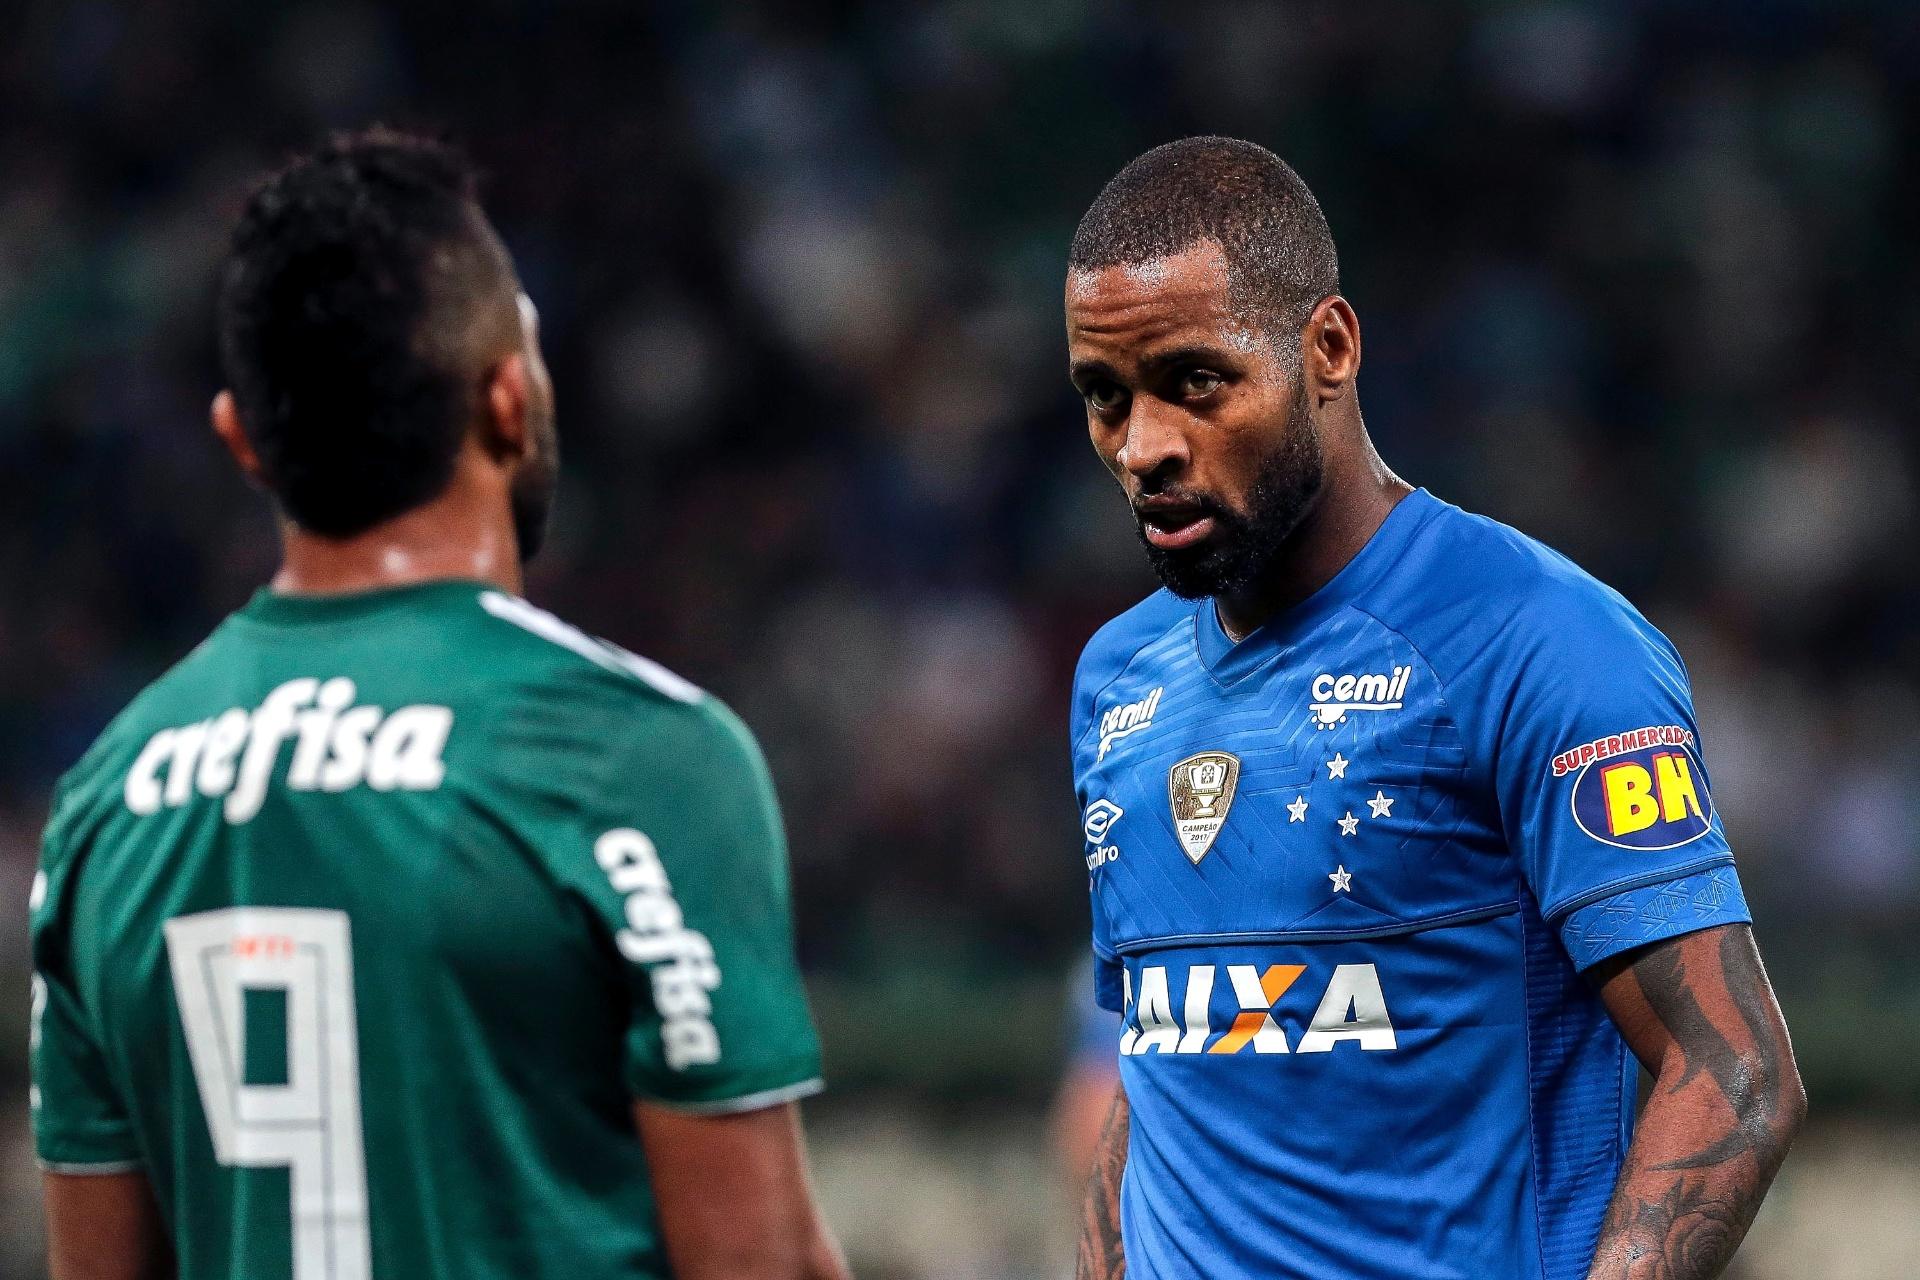 b532d38504 Fla se acerta com o Cruzeiro e desiste de Dedé após compra de Arrascaeta -  09 01 2019 - UOL Esporte